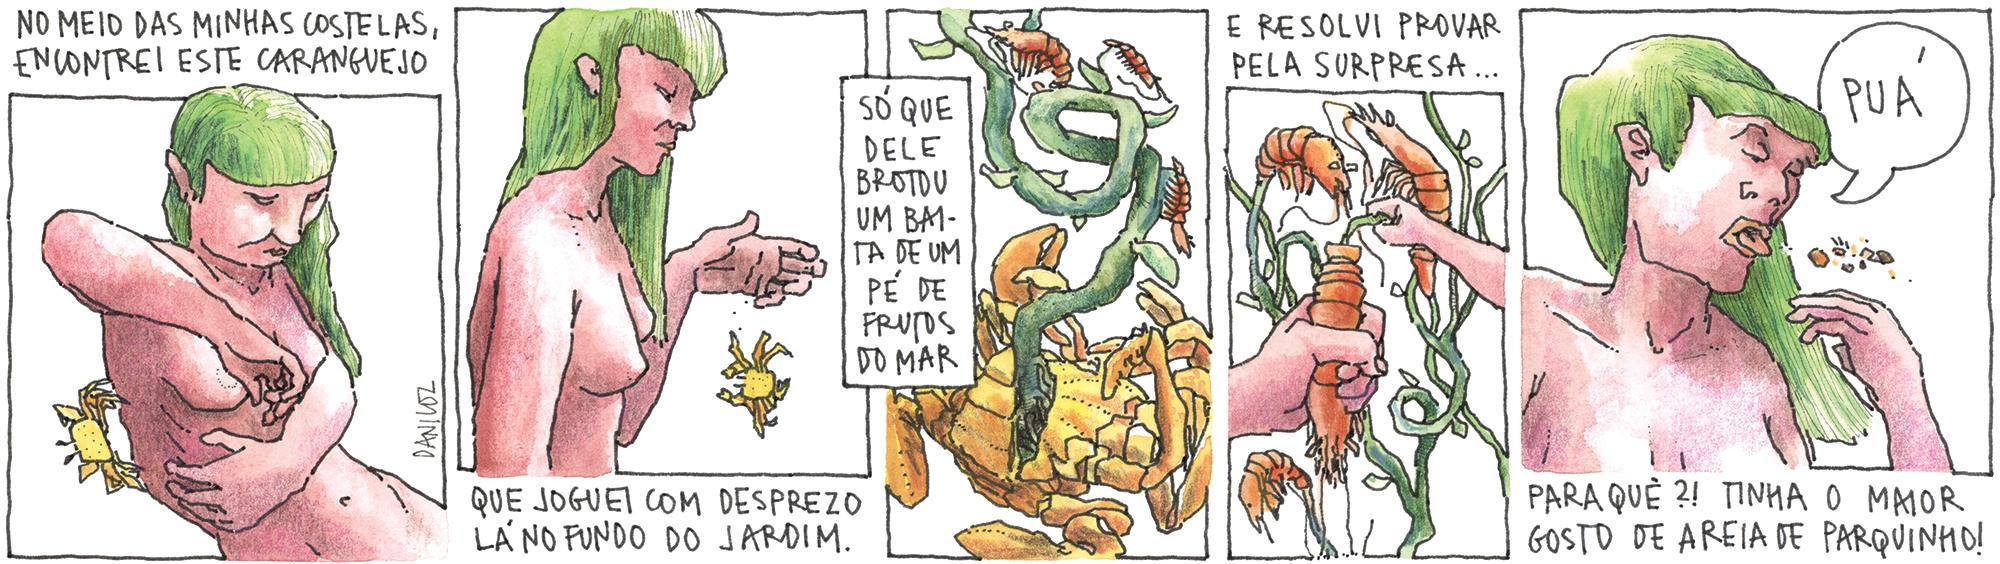 18-Frutos-do-Mar-daniloz